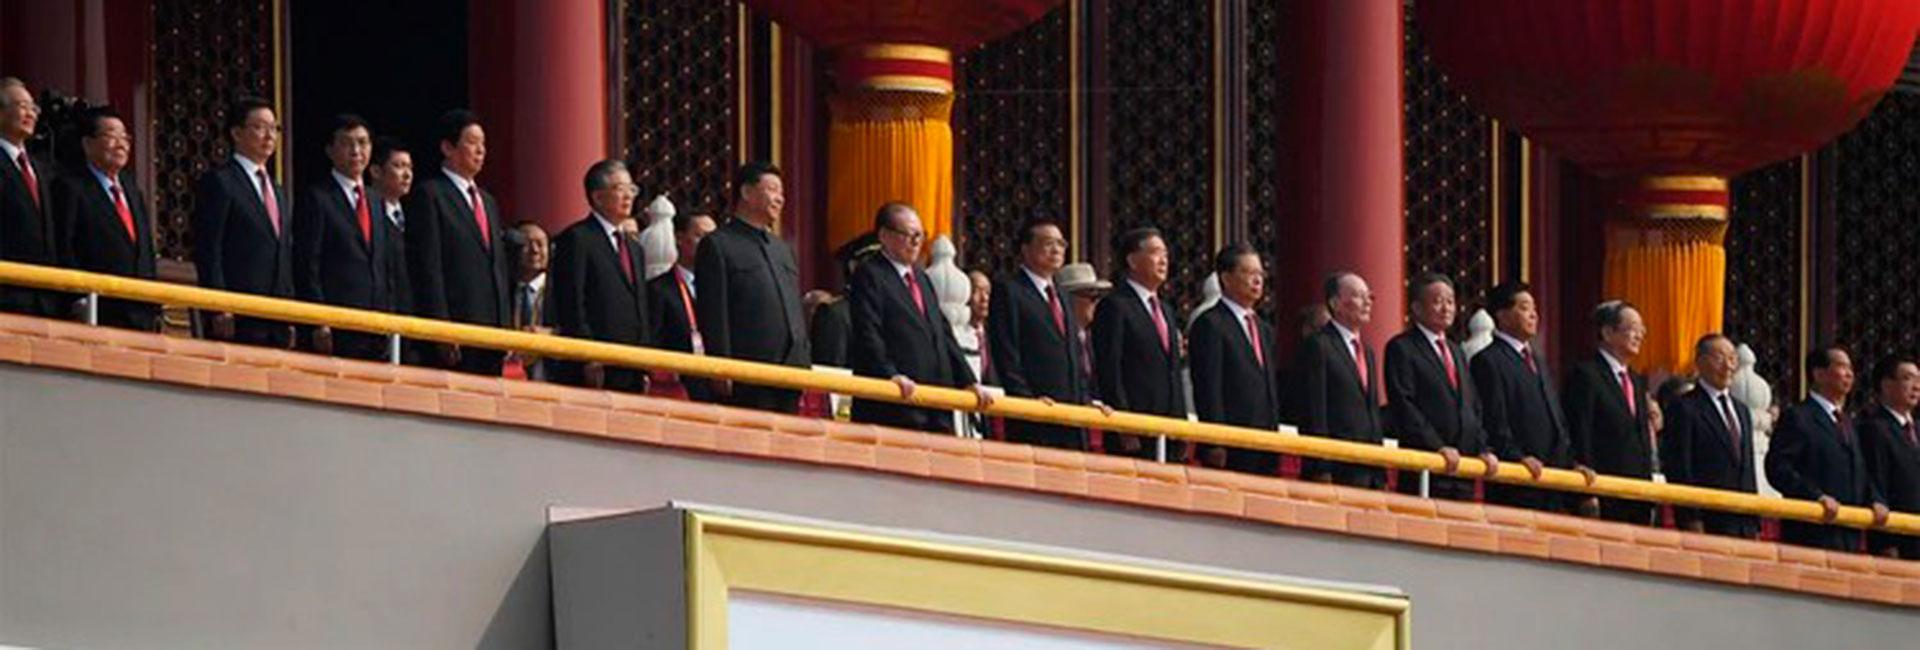 El presidente chino xi Jinping (vestido con traje Mao) y la cúpula del Partido Comunista durante el 70 aniversario de la fundación de la República Popular